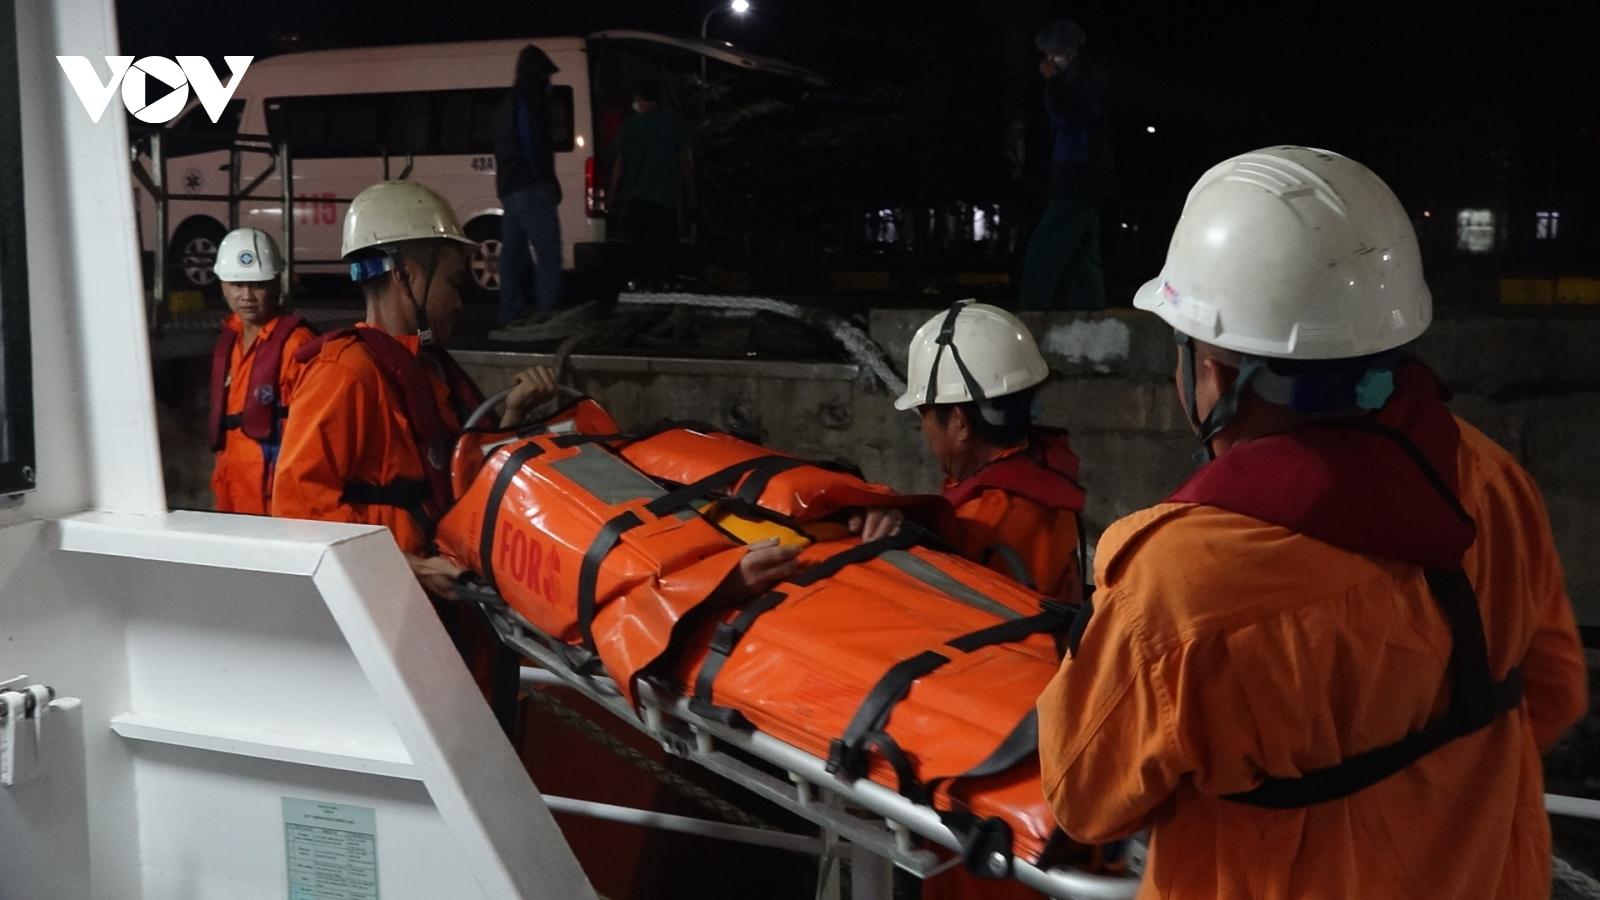 Tàu hàng chìm, thuyền trưởng mất tích, 7 thuyền viên được cứu vớt